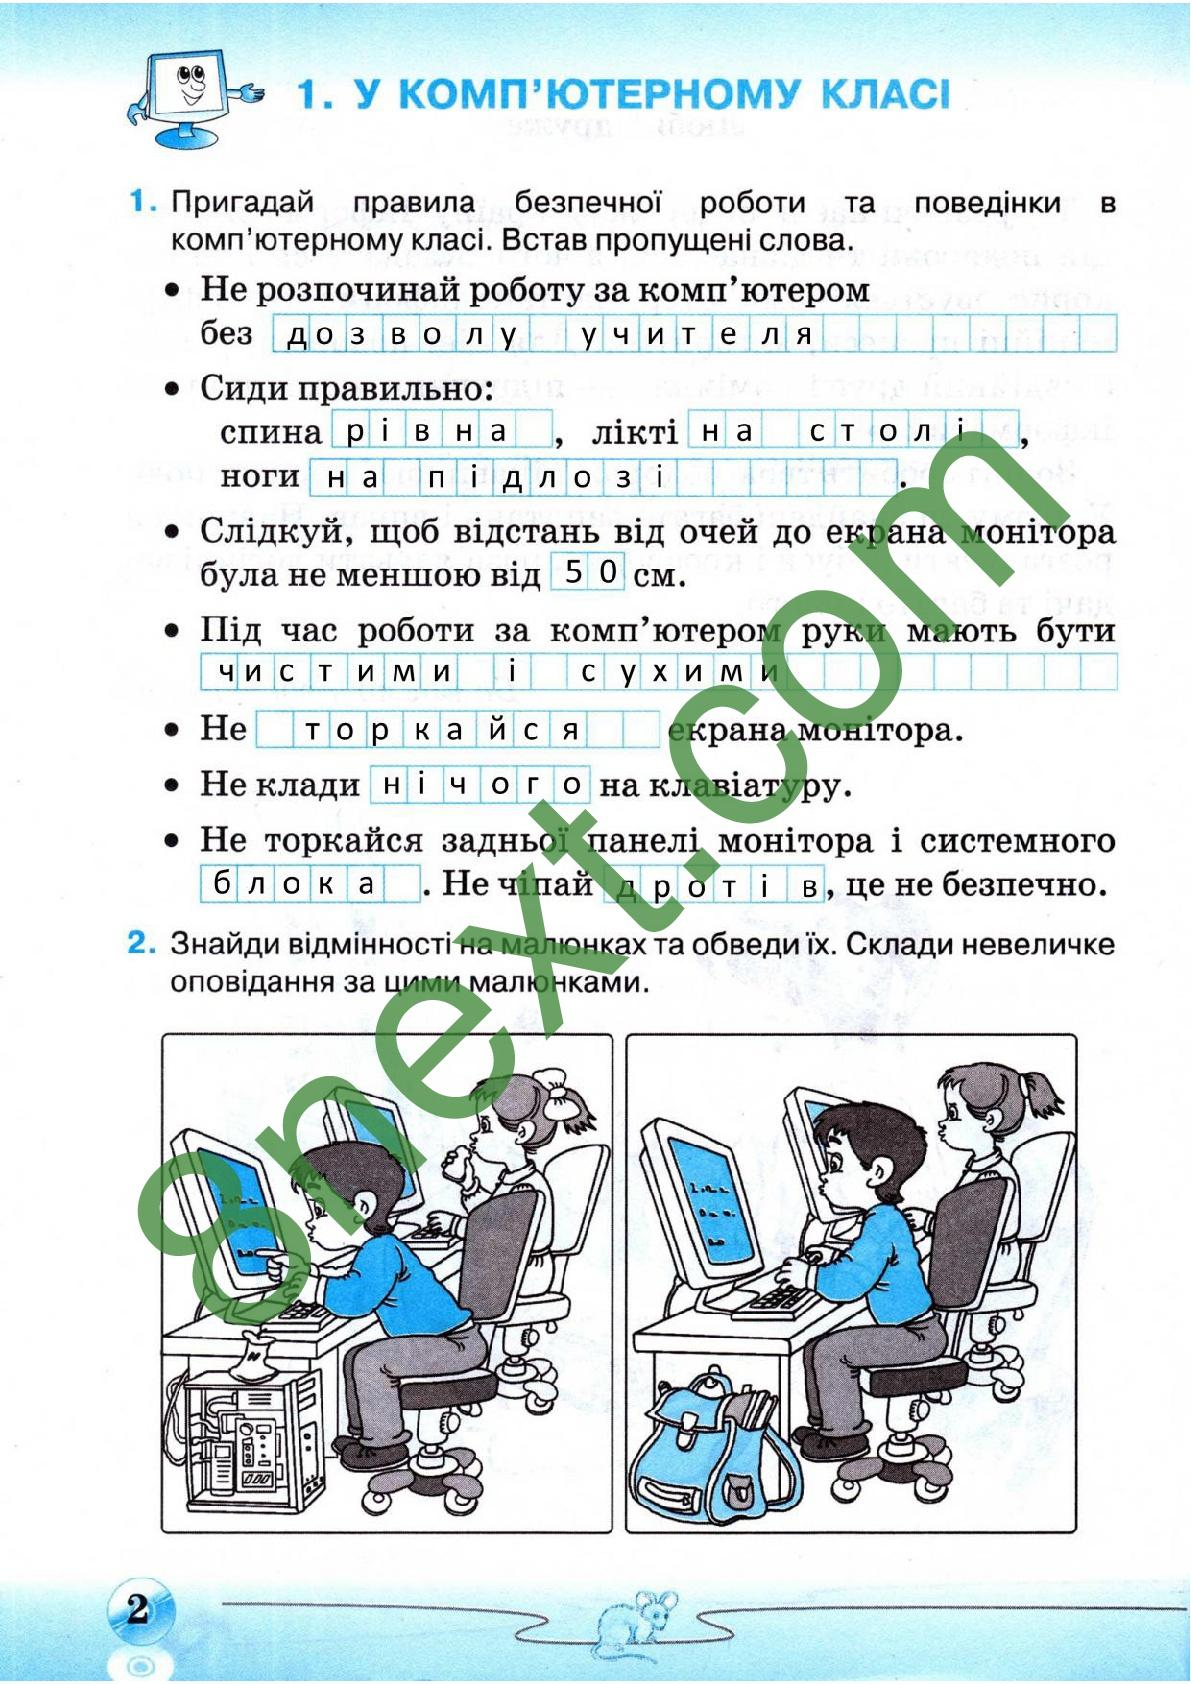 Гдз информатика 3 класс ломаковская рабочая тетрадь ответы